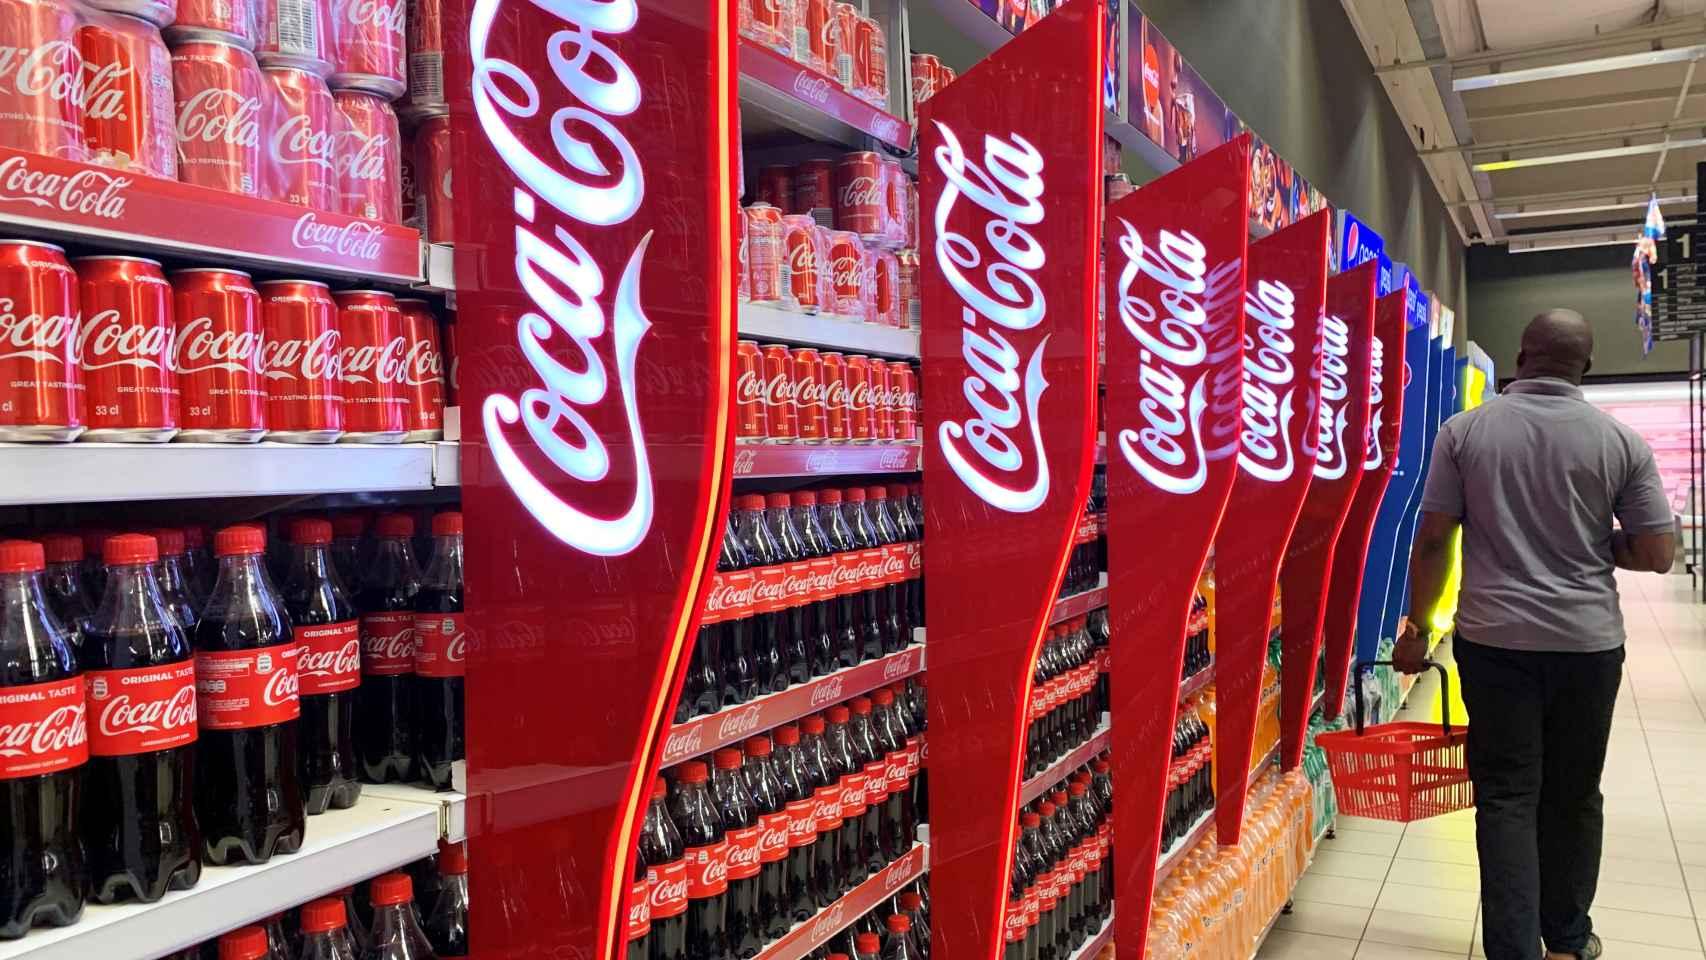 Lineal con refrescos de Coca-Cola en un supermercado.